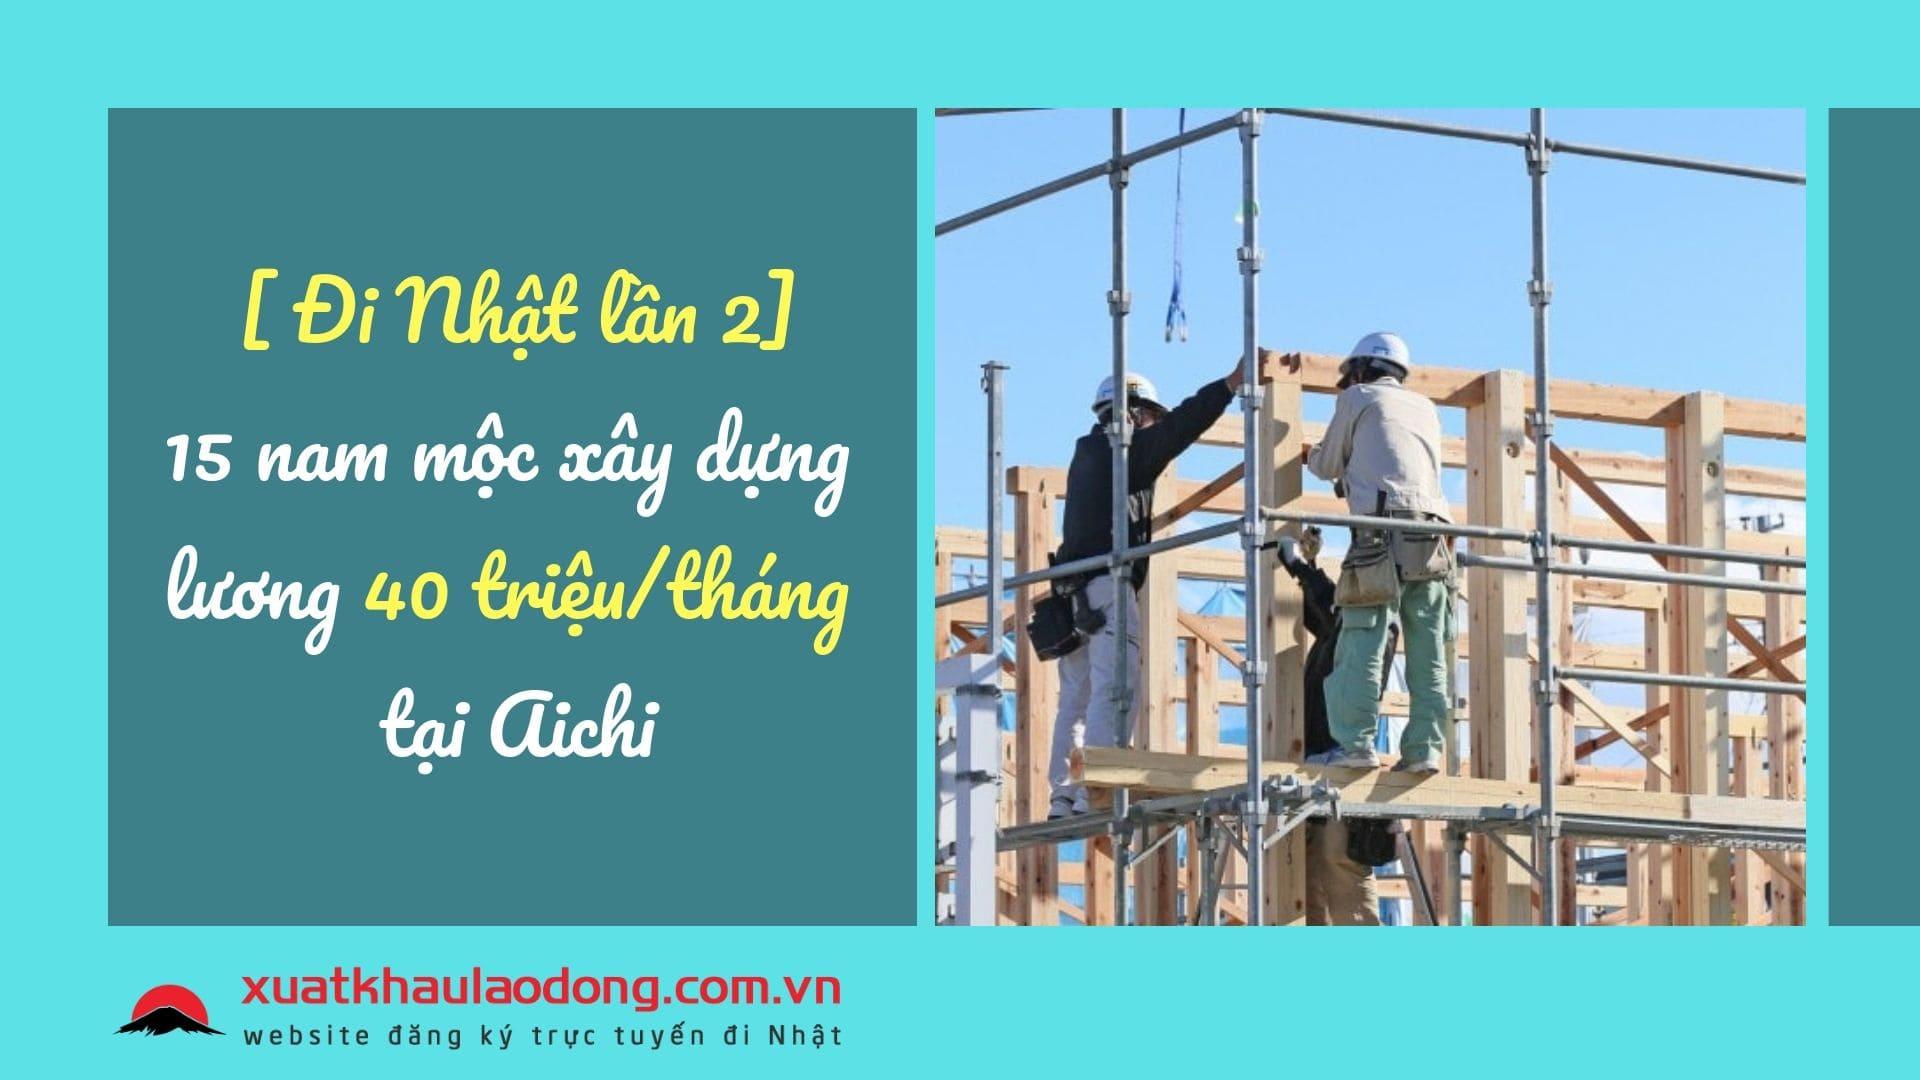 Đơn hàng mộc xây dựng đi Nhật lần 2 BAY NGAY, lương 40 triệu/tháng tại Aichi